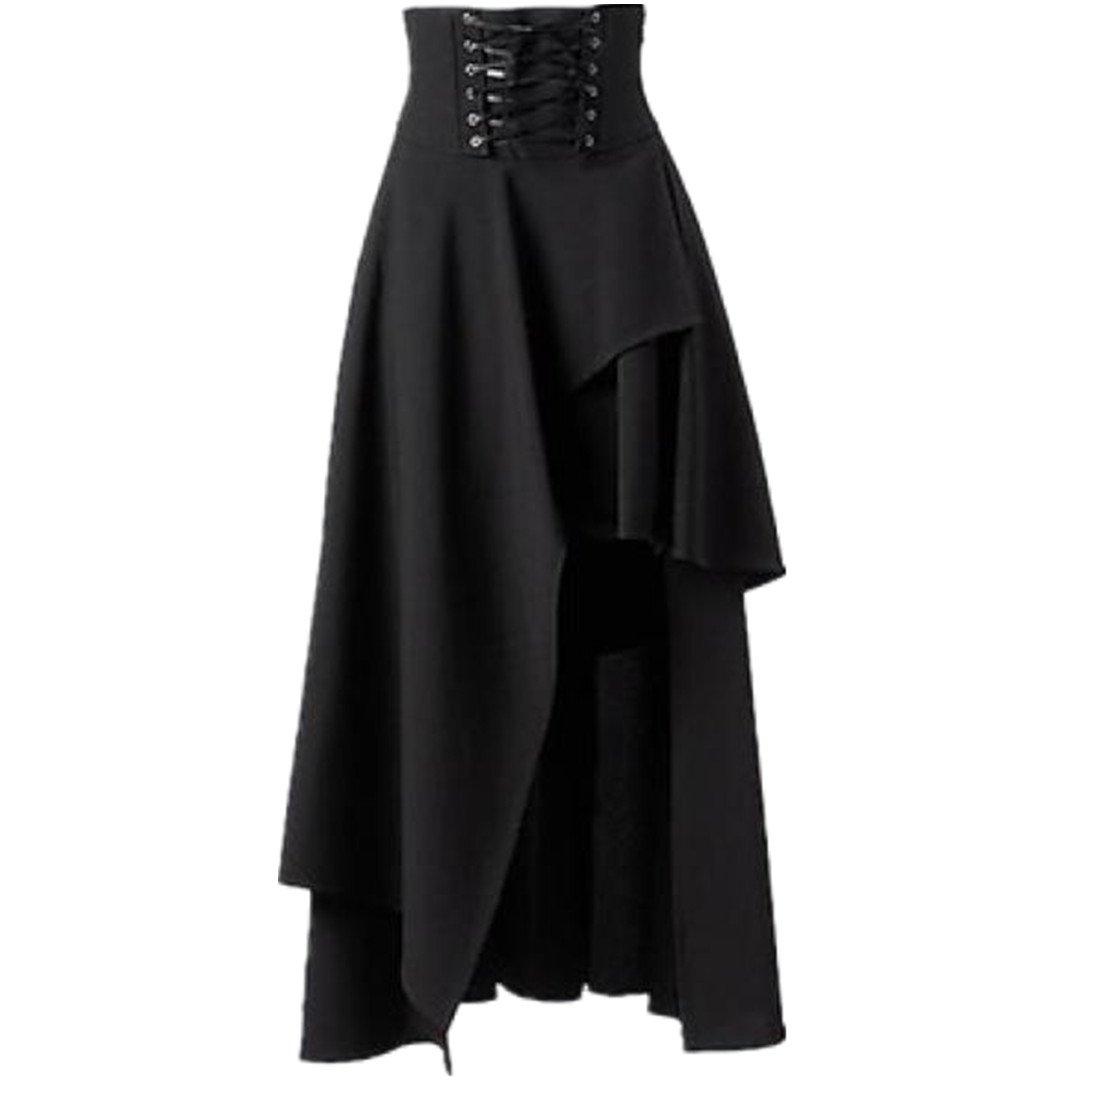 Sunward (TM) Women Fashion Pleated Black Irregular Bandage Skirt YLL60805527